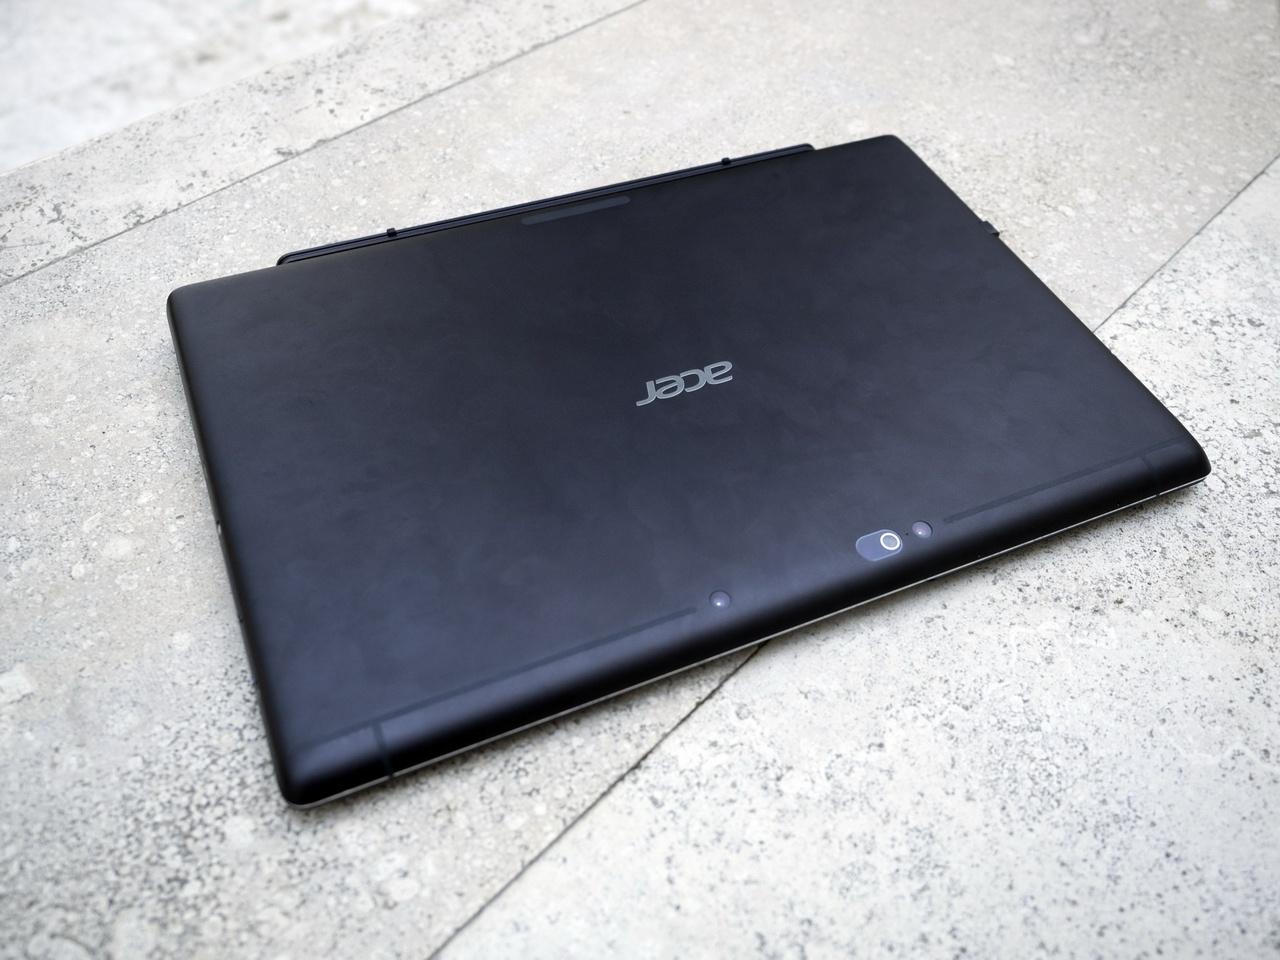 Acer на CES 2016: мониторы, планшеты, игровые ноутбуки и ультрамобильный трансформер - 5